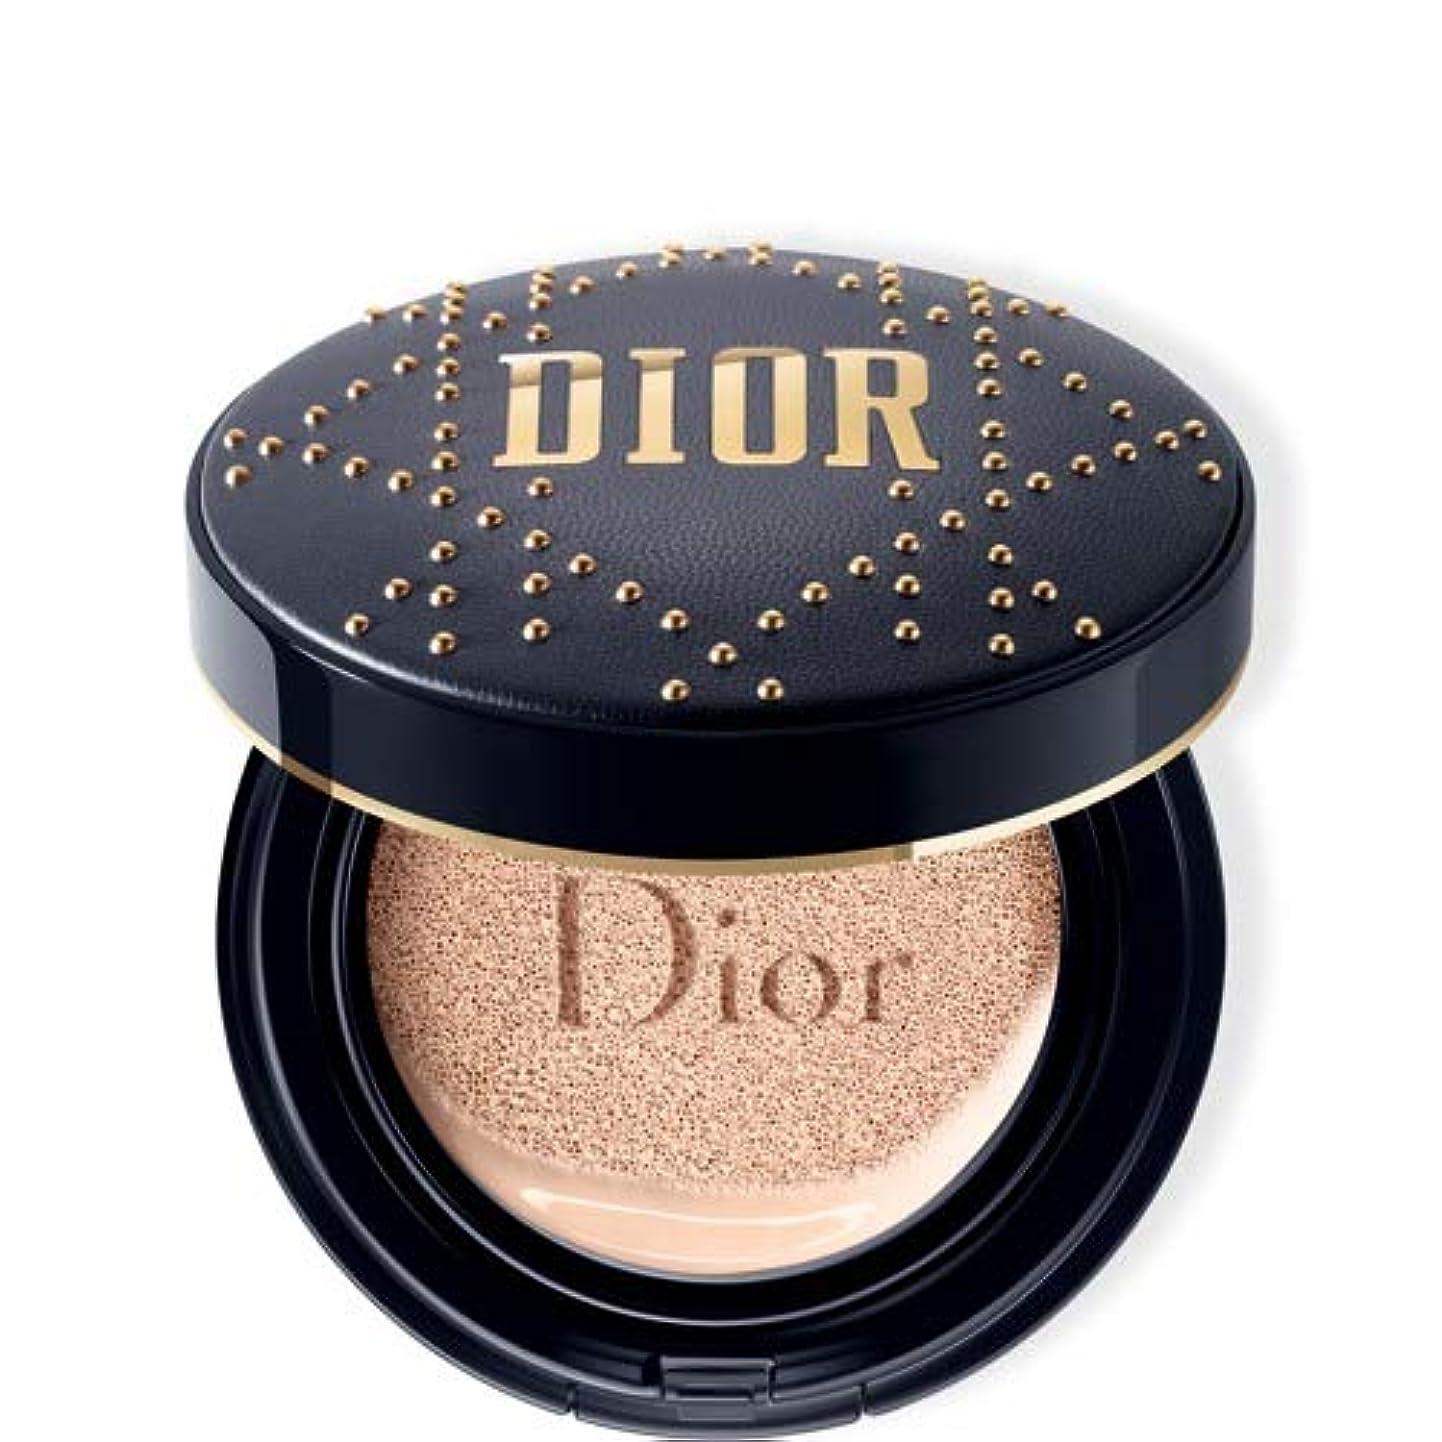 結び目食物放置Dior ディオールスキン フォーエヴァー クッション - 限定スタッズ カナージュ ケース #030